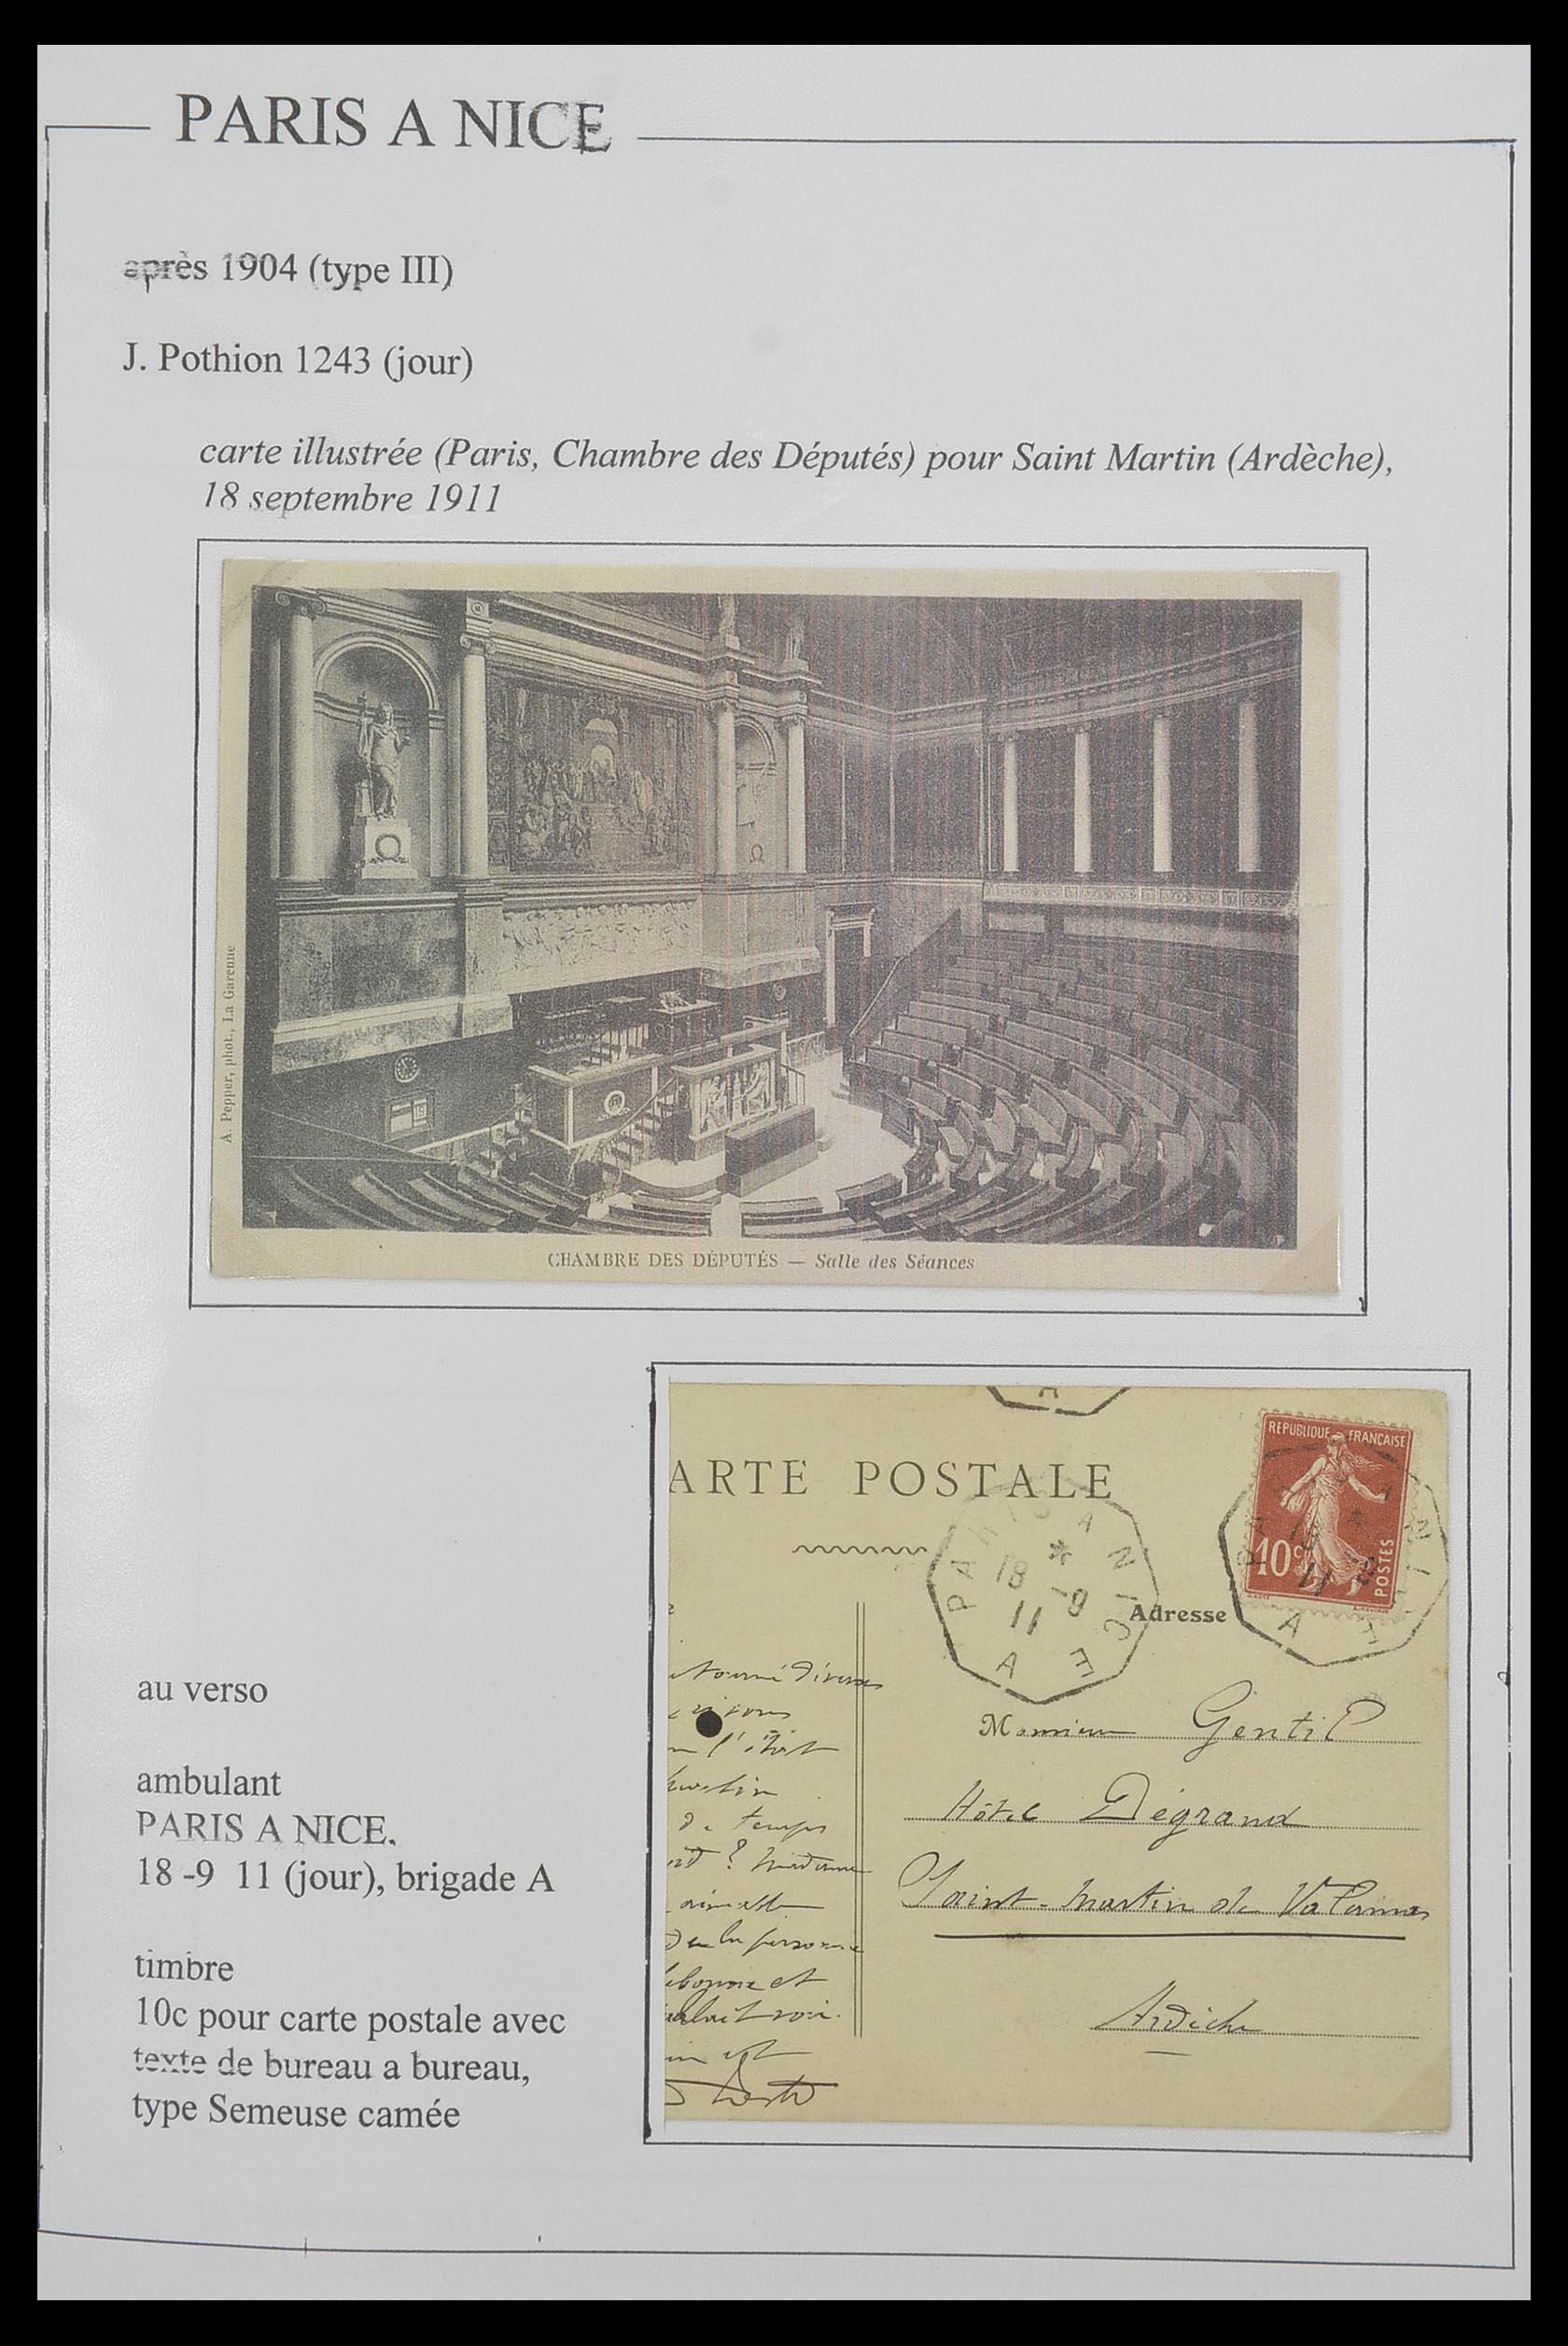 33624 015 - Postzegelverzameling 33624 Frankrijk brieven 1854-1907.